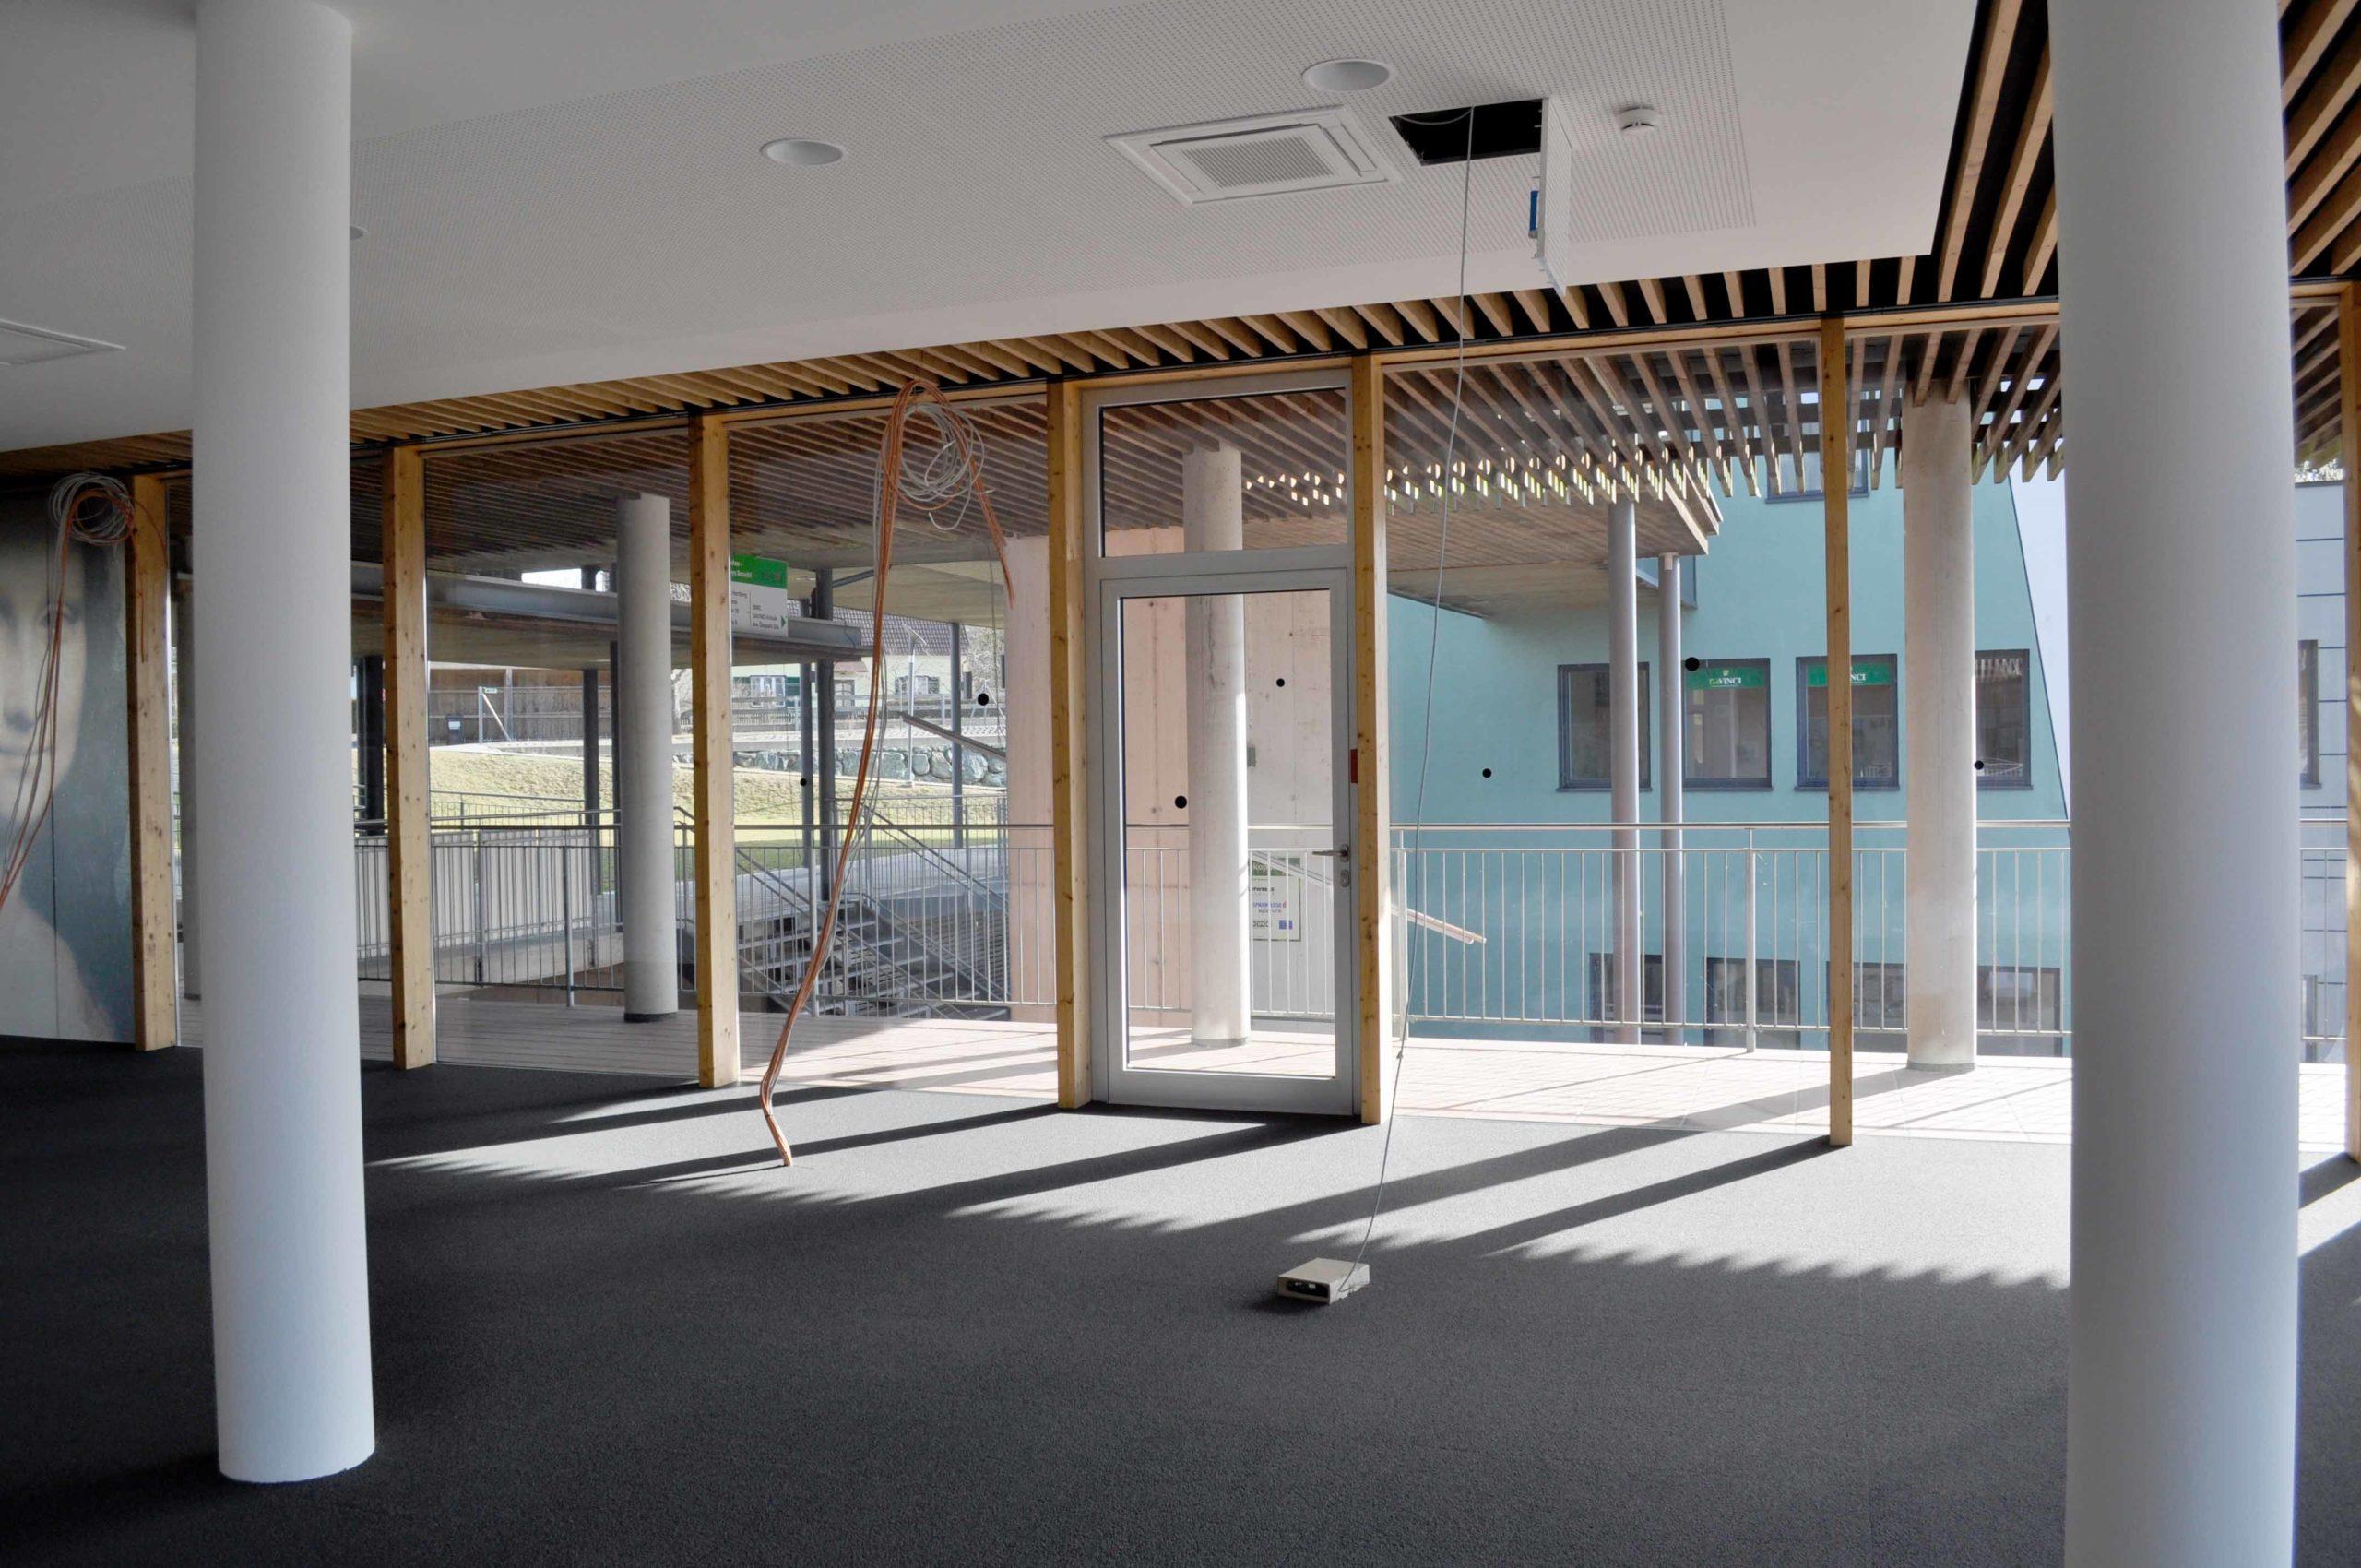 Büro und Vertriebsfläche EG Zentralgebäude